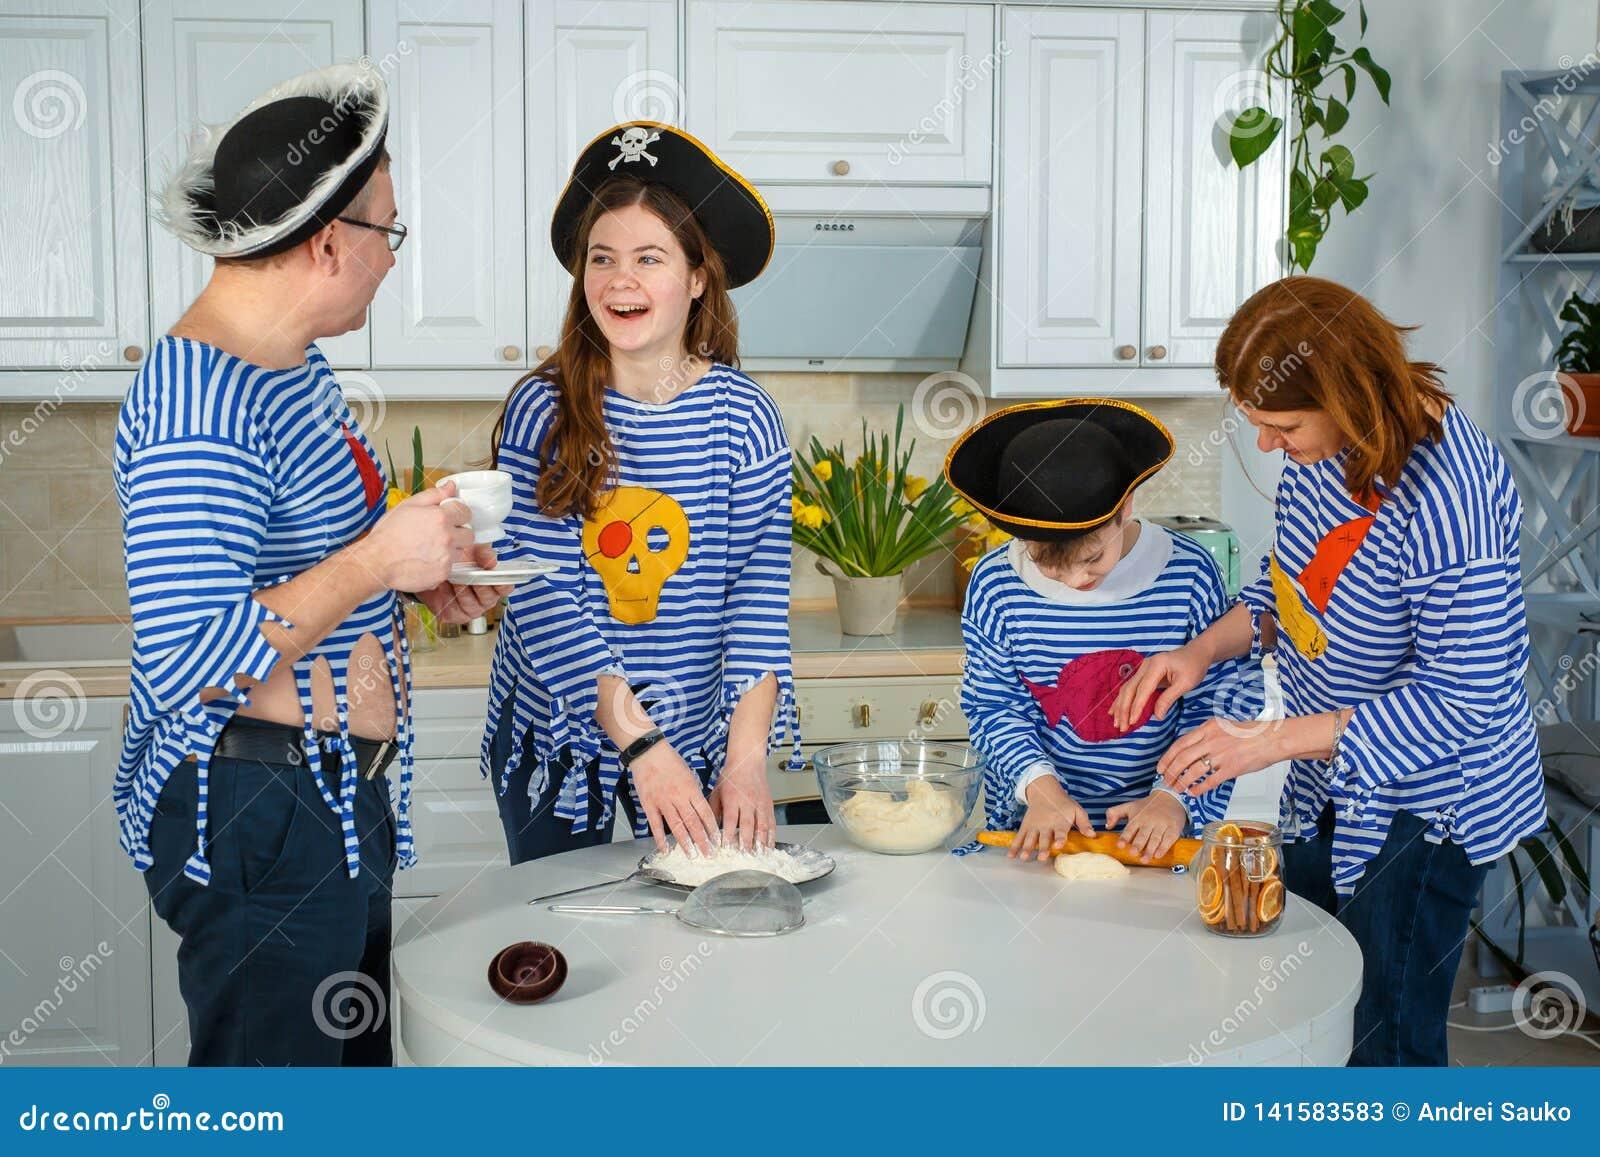 Οι οικογενειακοί μάγειρες από κοινού Σύζυγος, σύζυγος και τα παιδιά τους στην κουζίνα Η οικογένεια ζυμώνει τη ζύμη με το αλεύρι